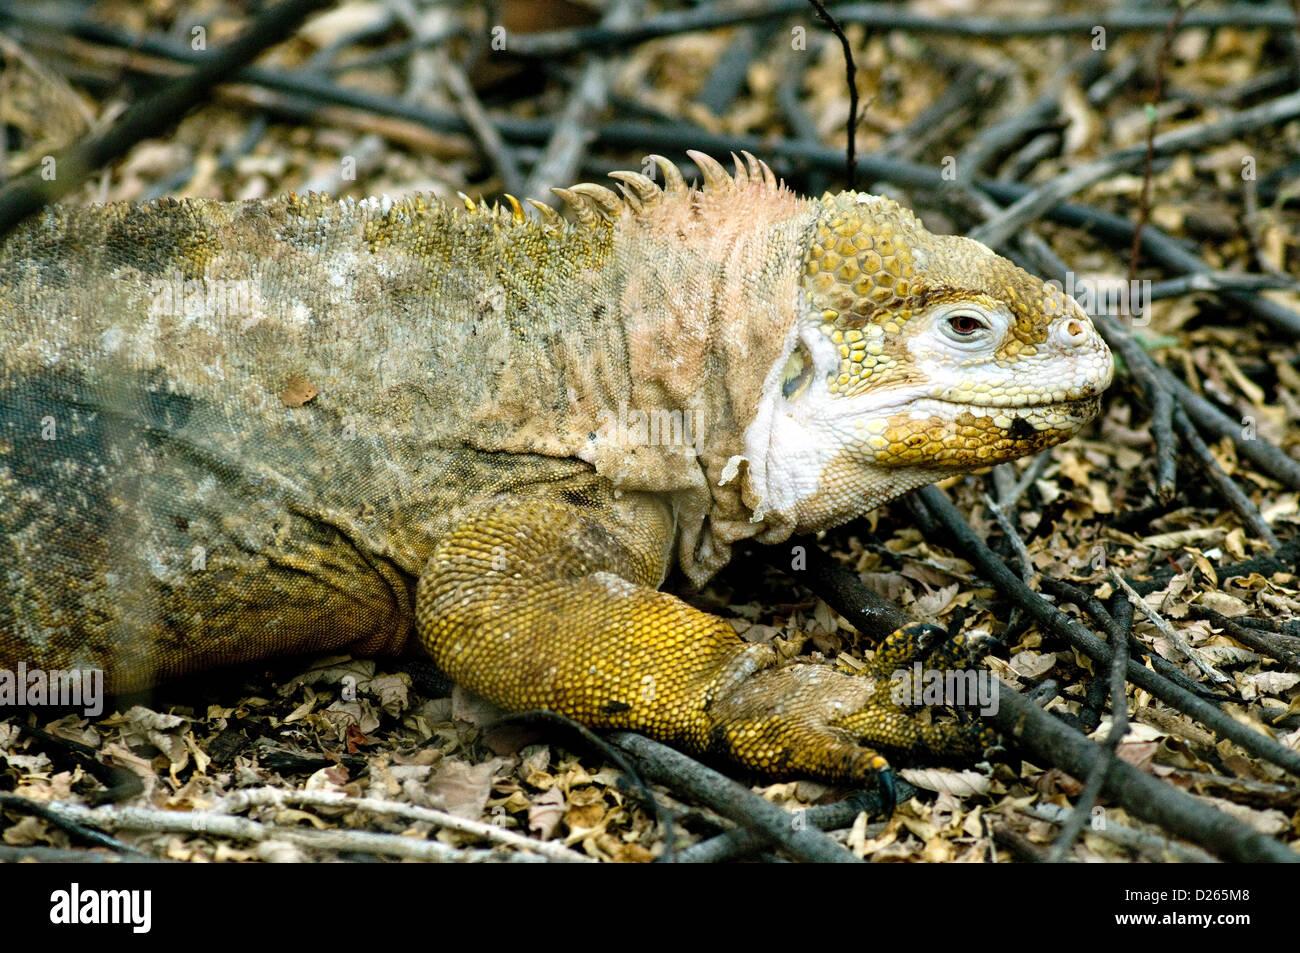 Un anidamiento iguana terrestre de Galapagos, monster lagartija endémica de las islas fantásticas, parece Imagen De Stock